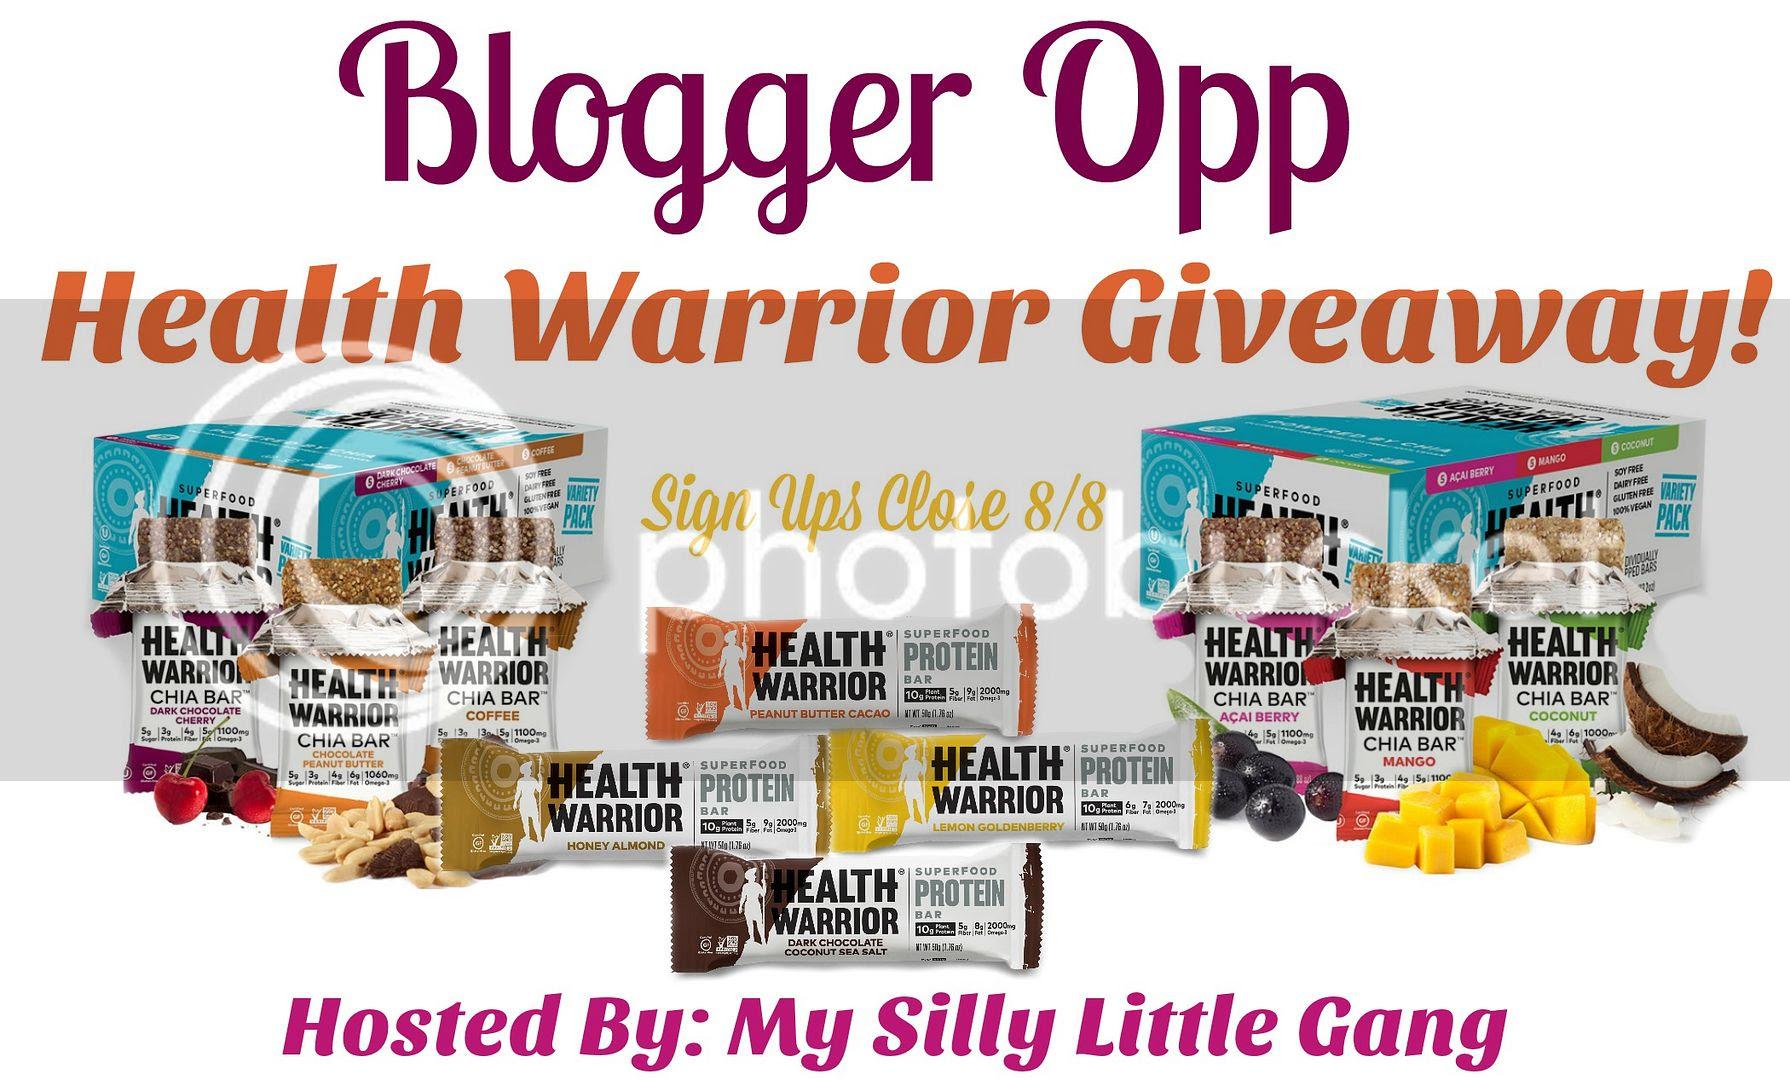 Blogger Opp - Health Warrior